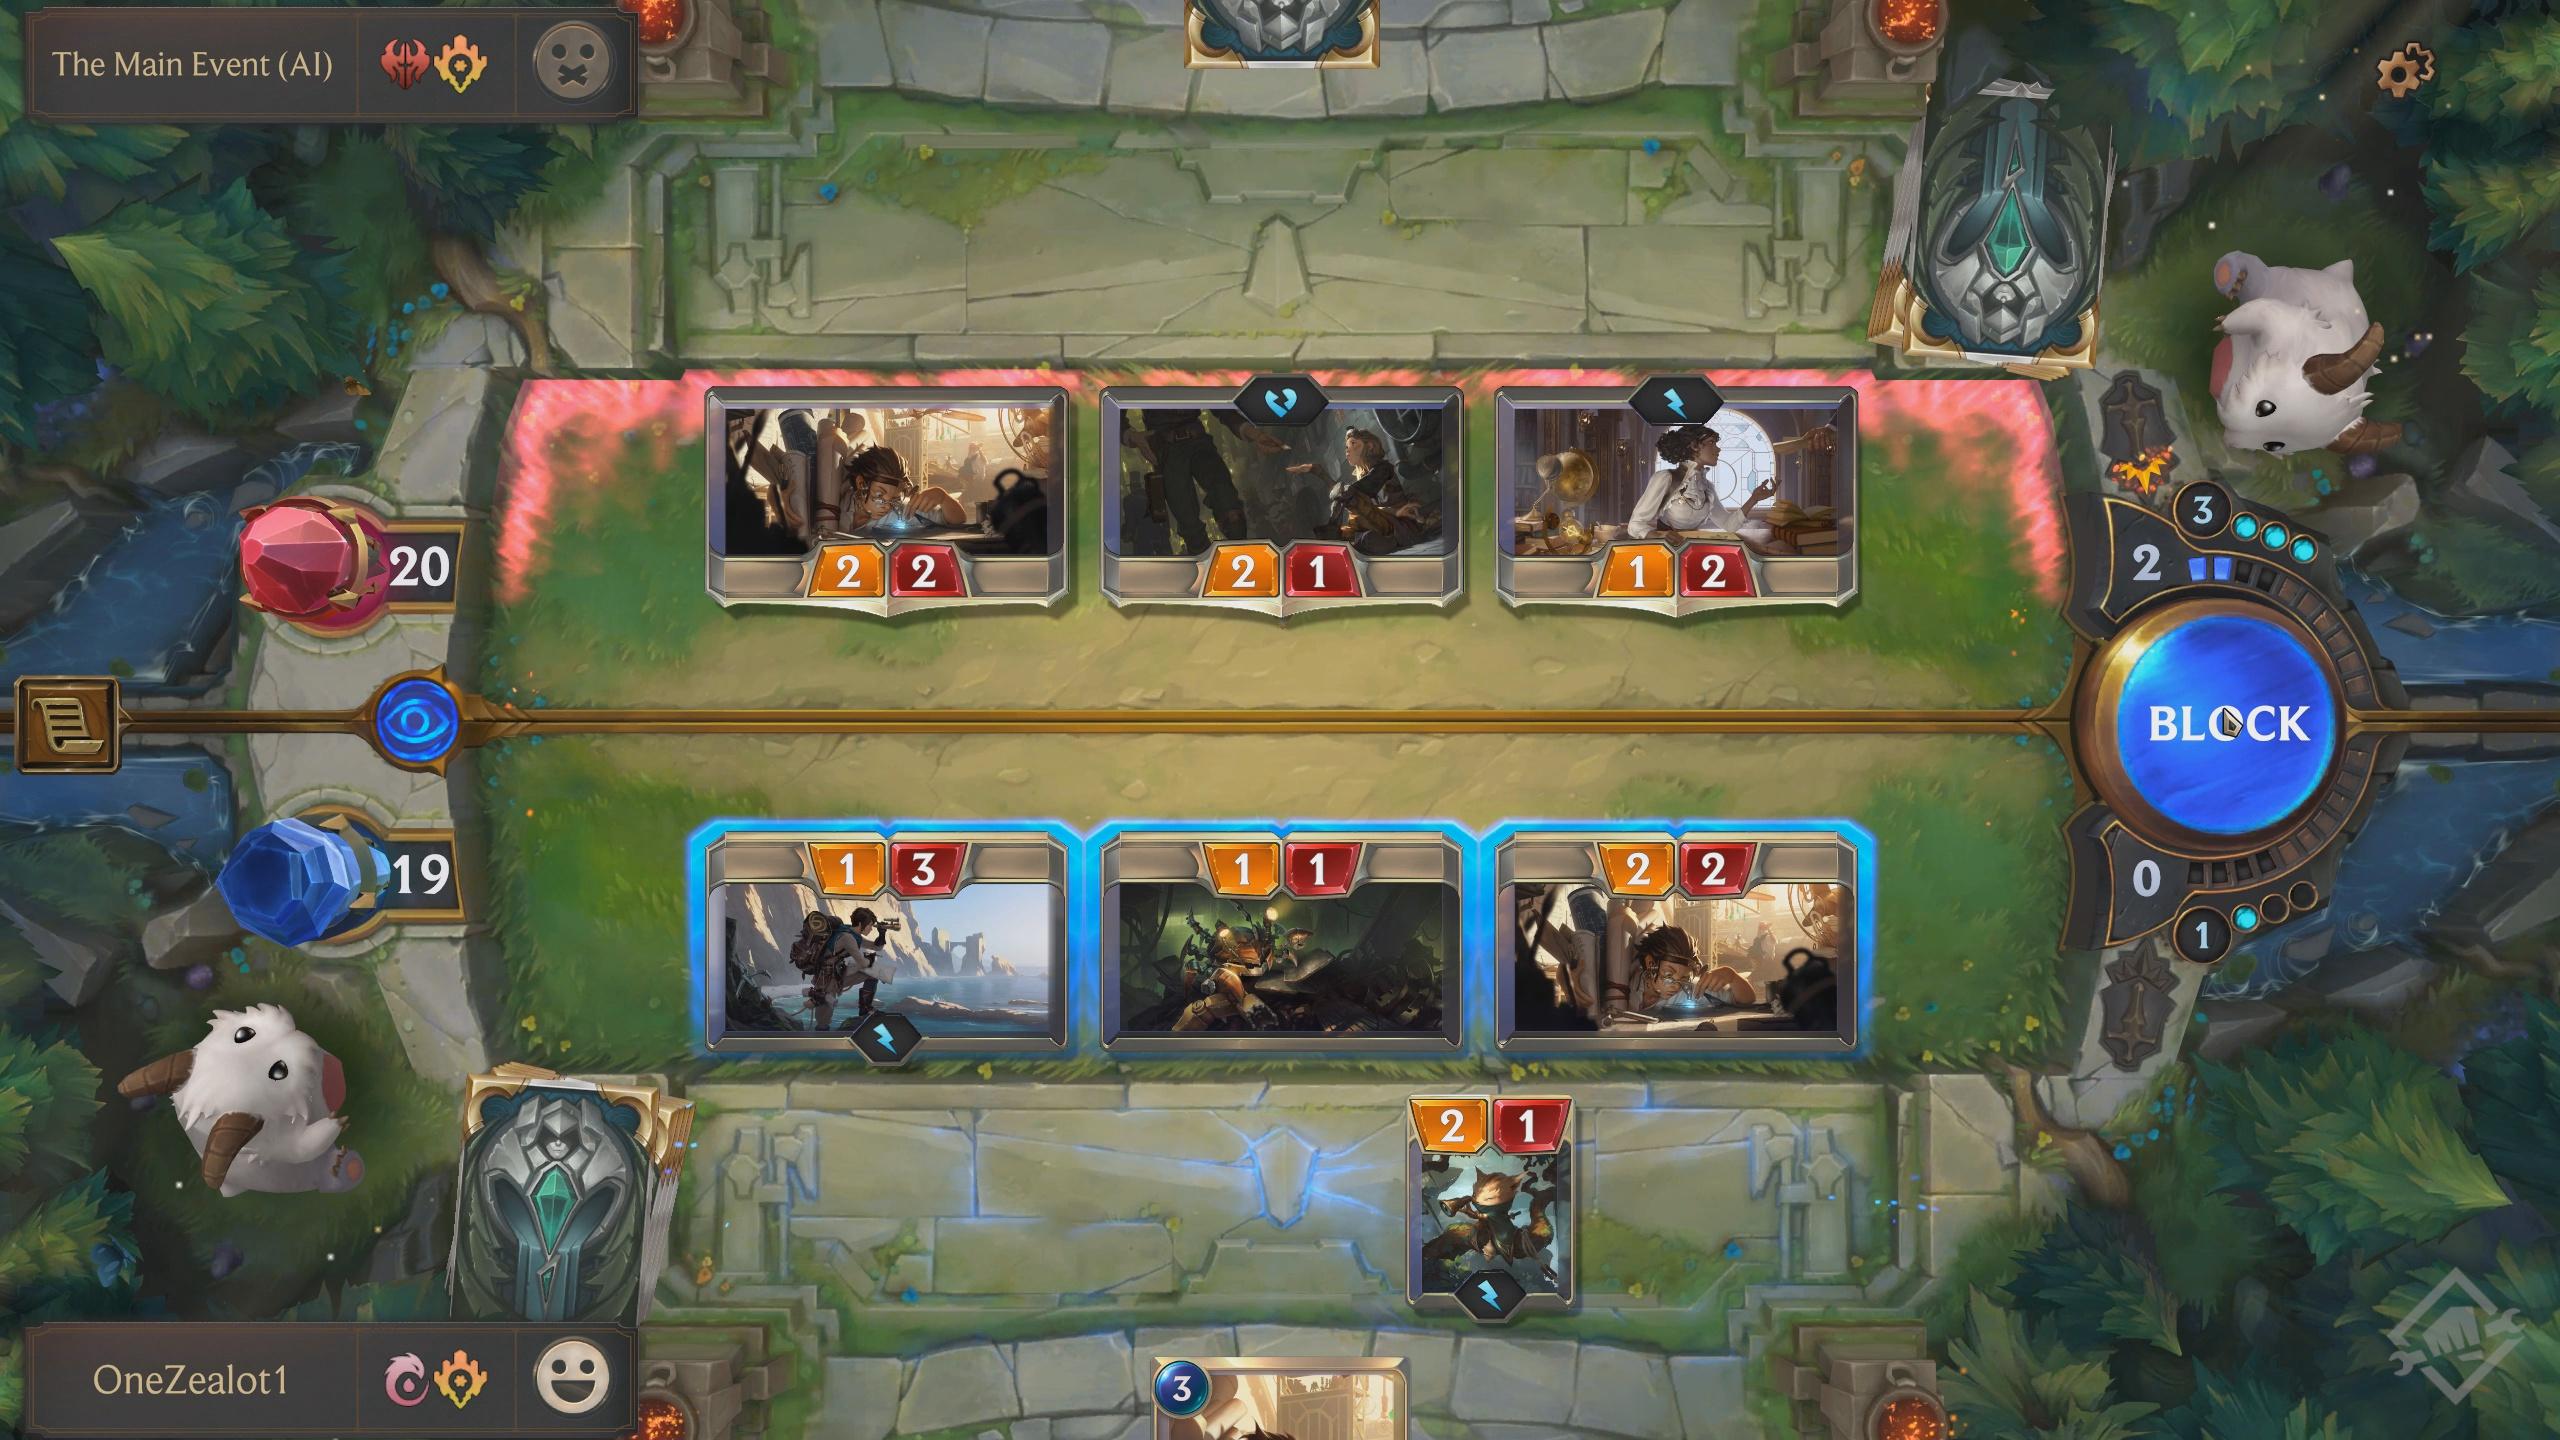 Legends of Runeterra guide: How to play Legends of Runeterra | PC Gamer